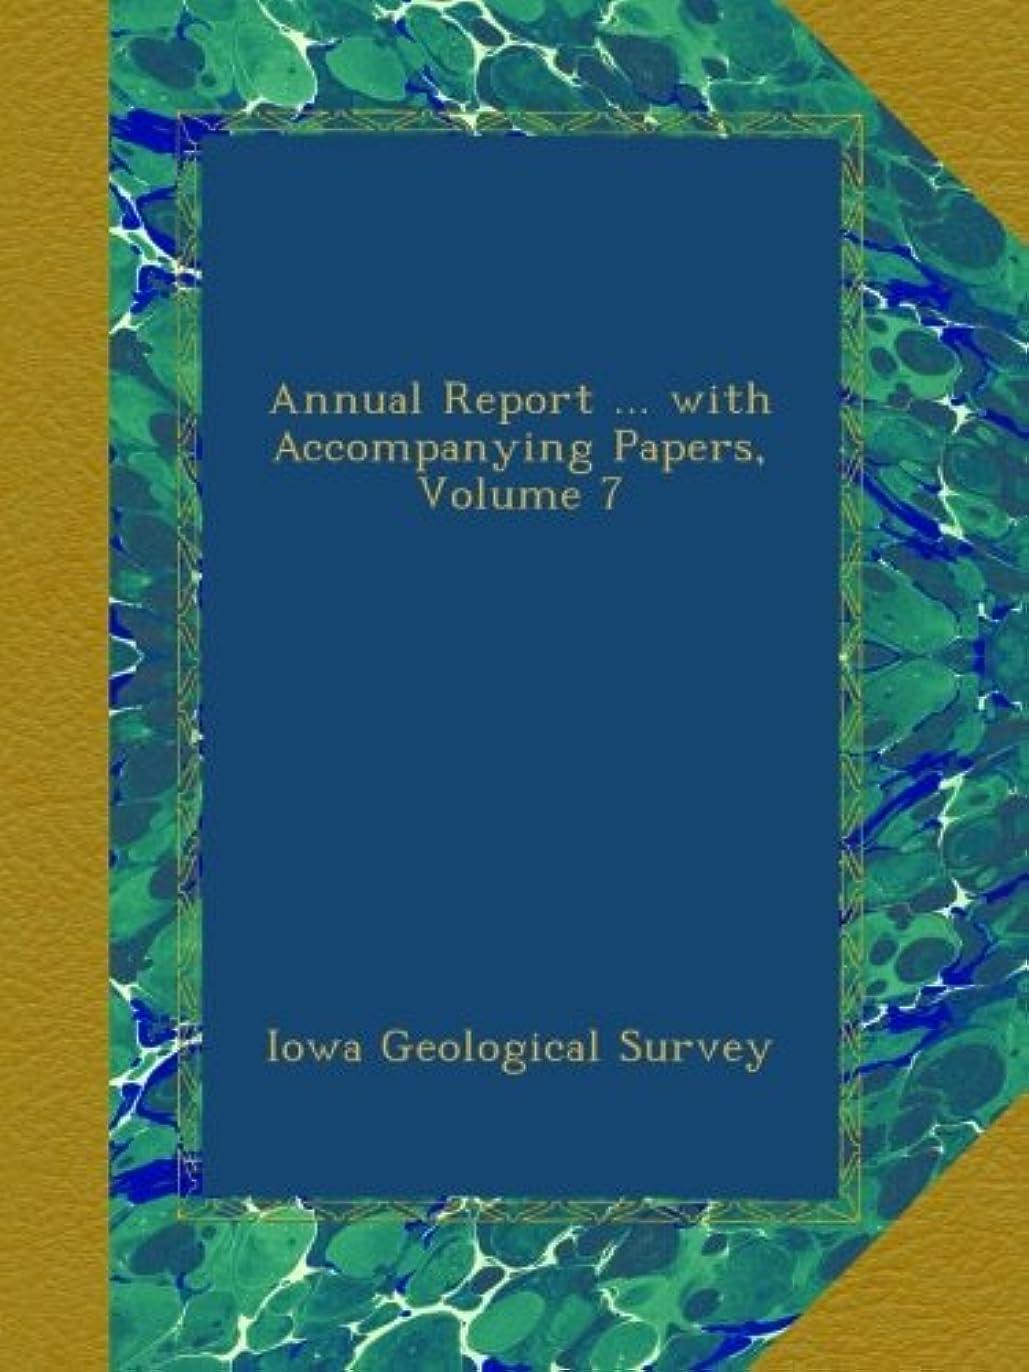 無し心のこもった熱心なAnnual Report ... with Accompanying Papers, Volume 7